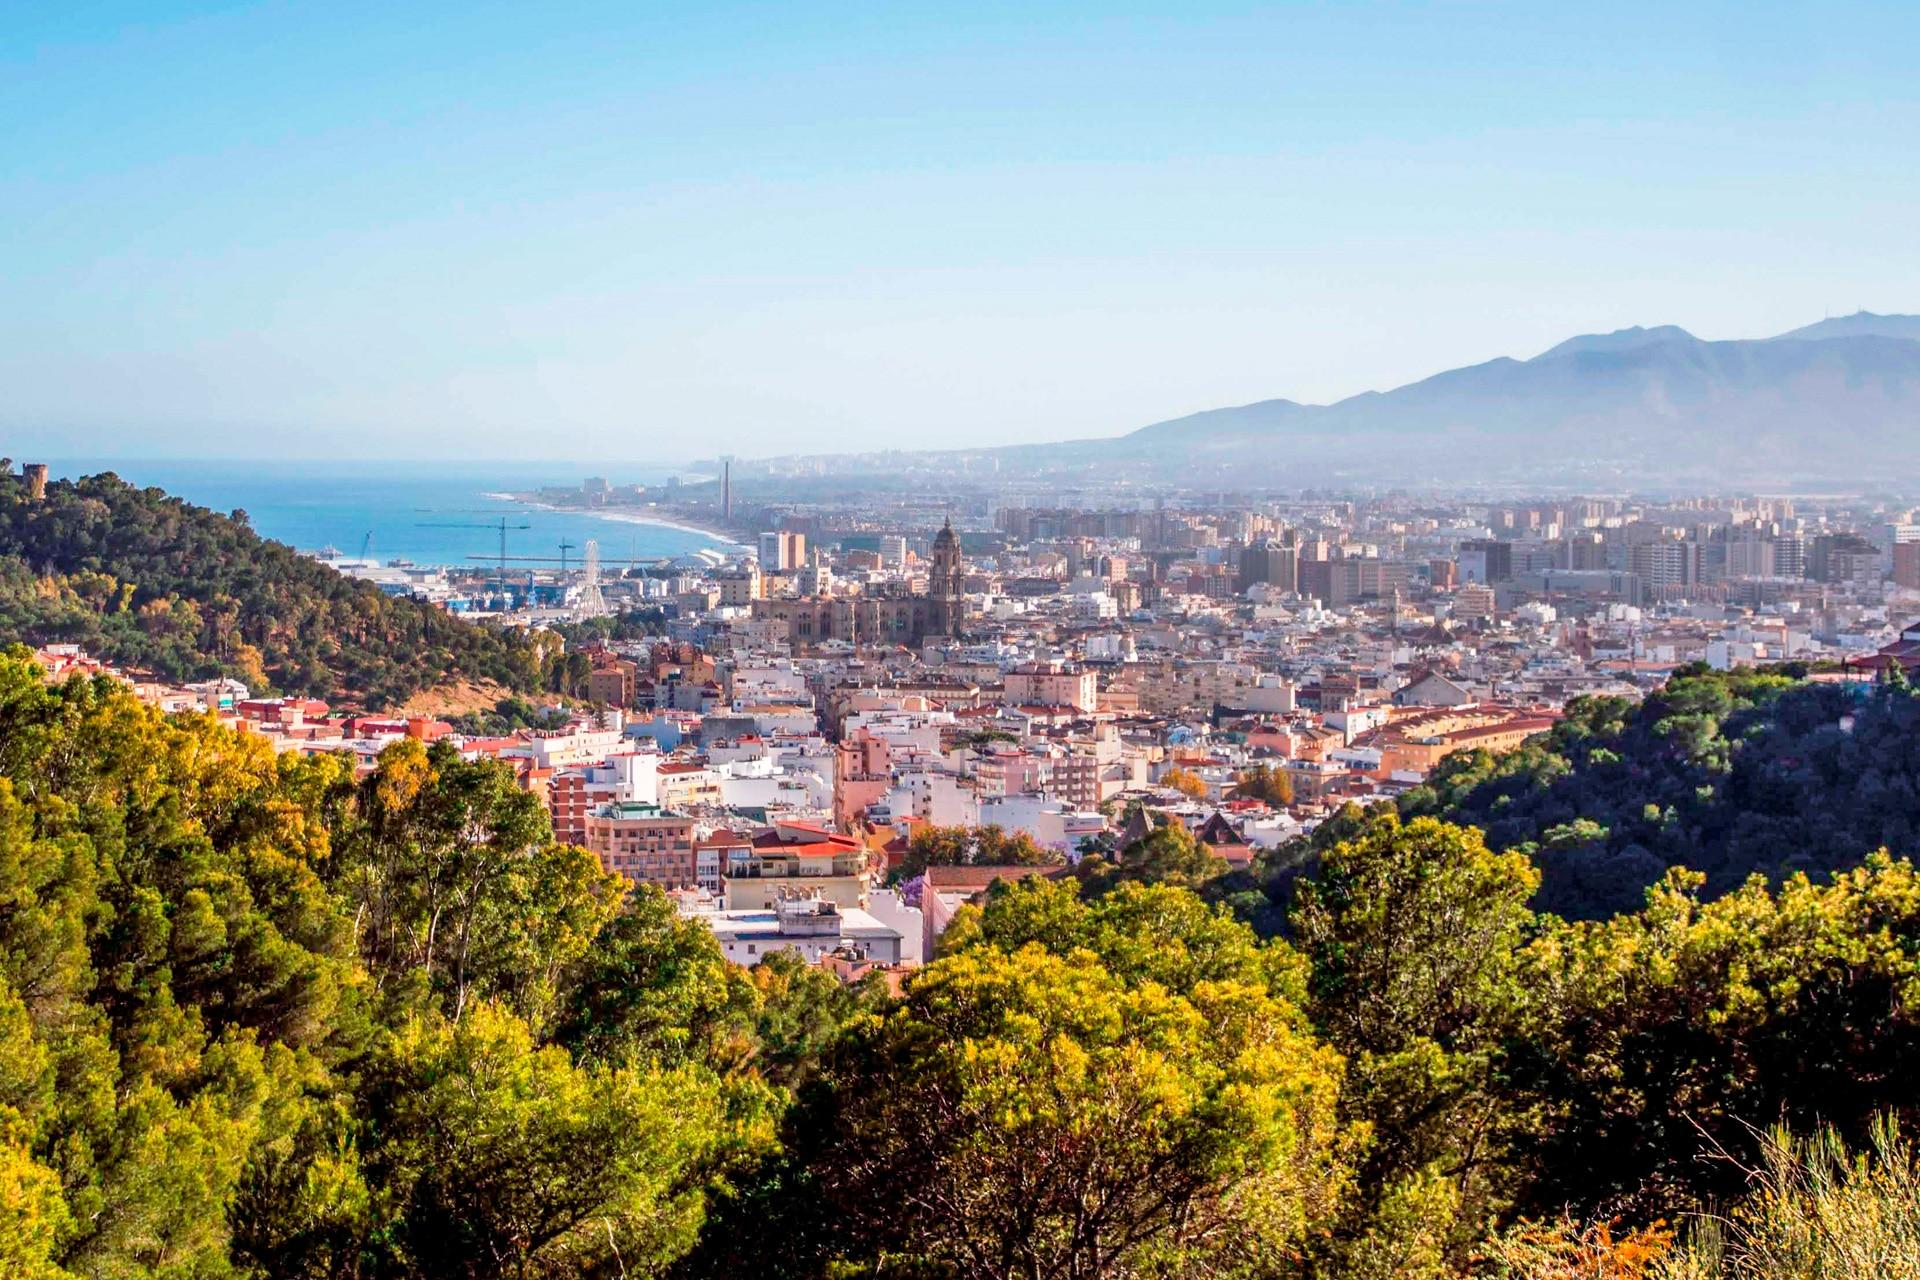 vista aérea de Málaga